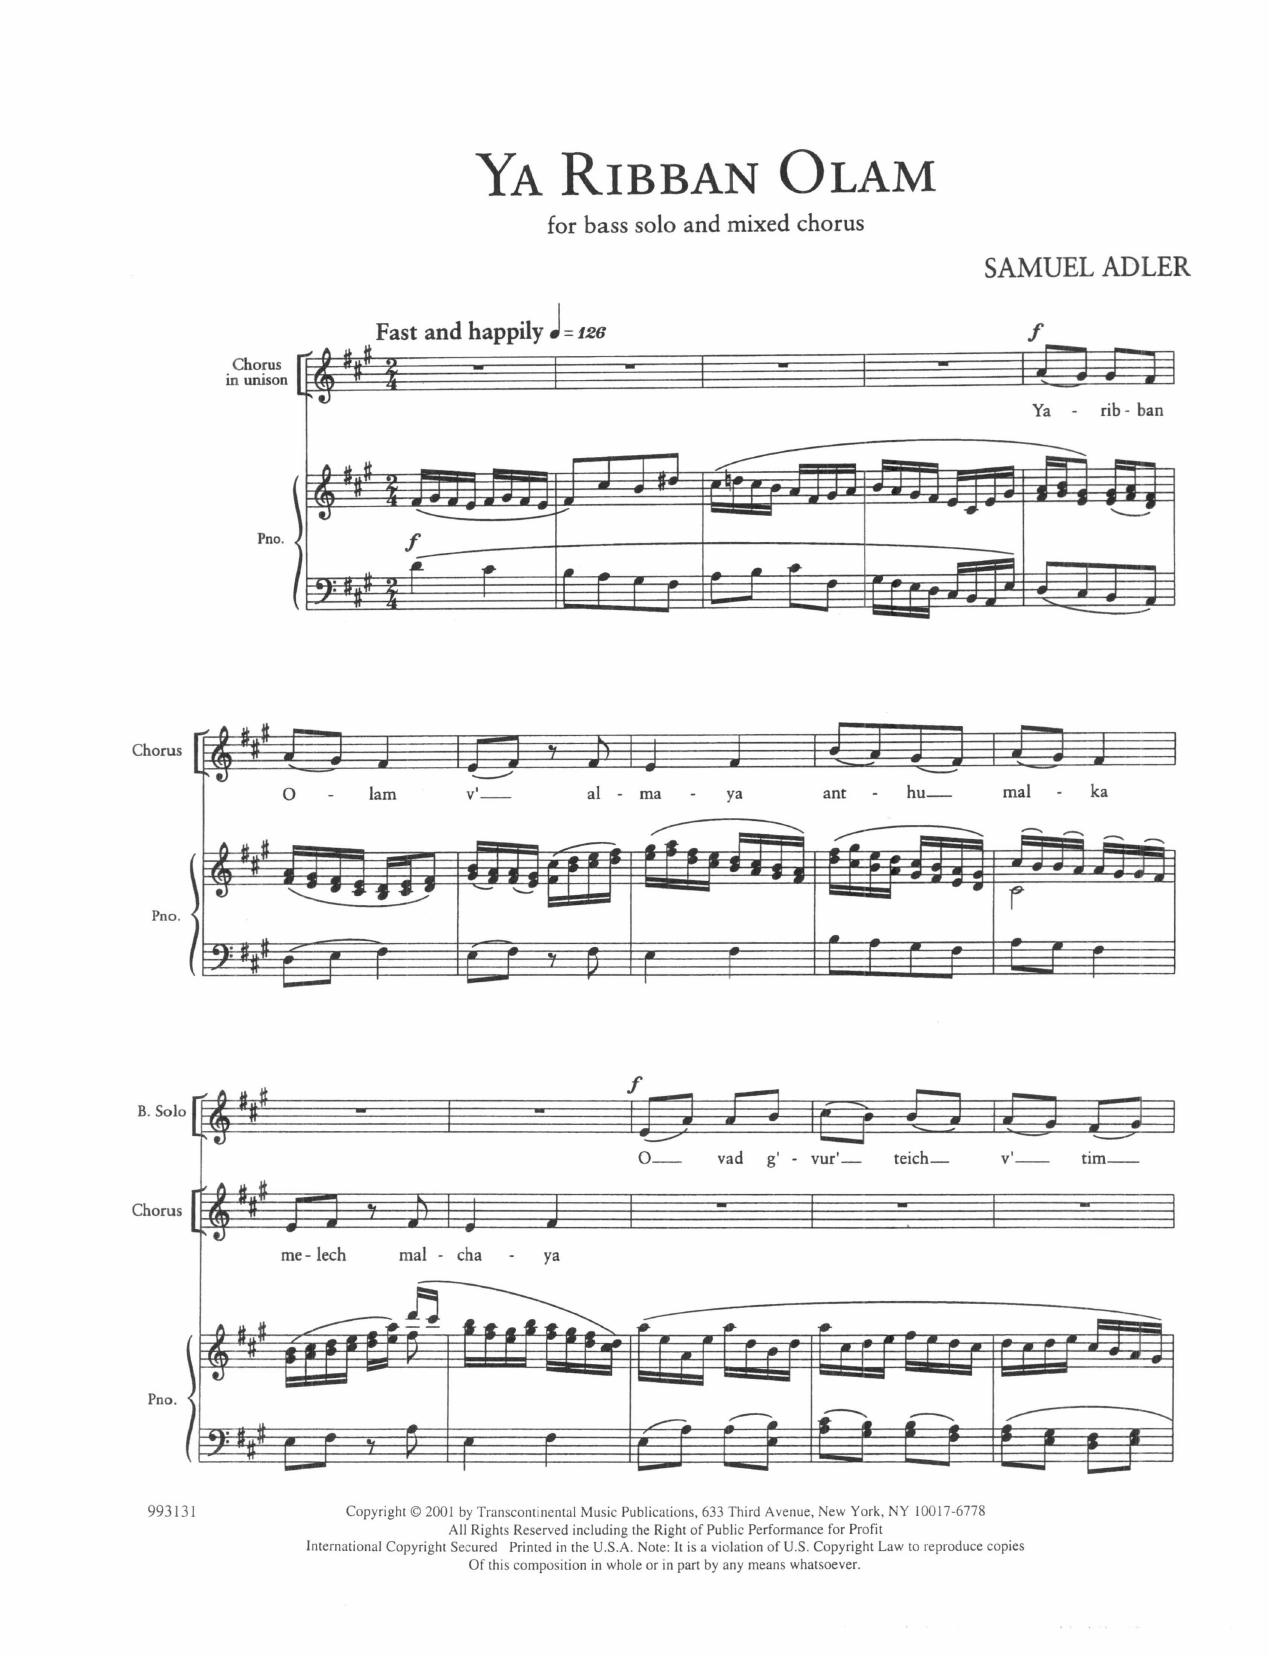 Five Sephardic Choruses: Ya Ribban Olam Sheet Music